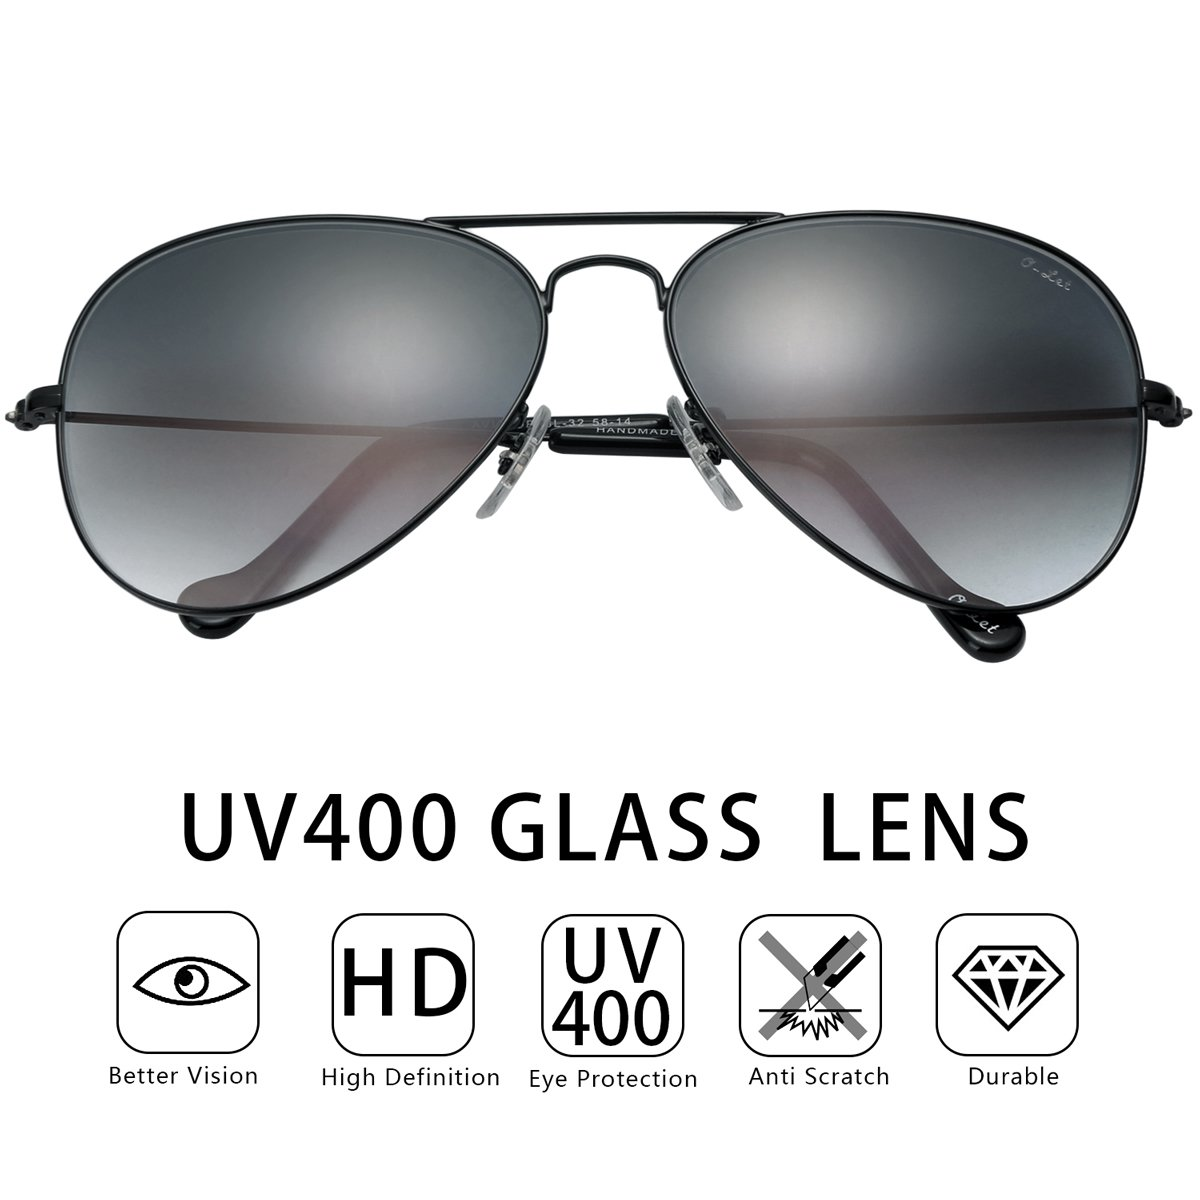 O-LET Aviator Sunglasses for Men Women Driving Fishing Glass Lens Aviators UV400 (62mm, Black Frame/aGrey Gradient Lens) by O-LET (Image #7)